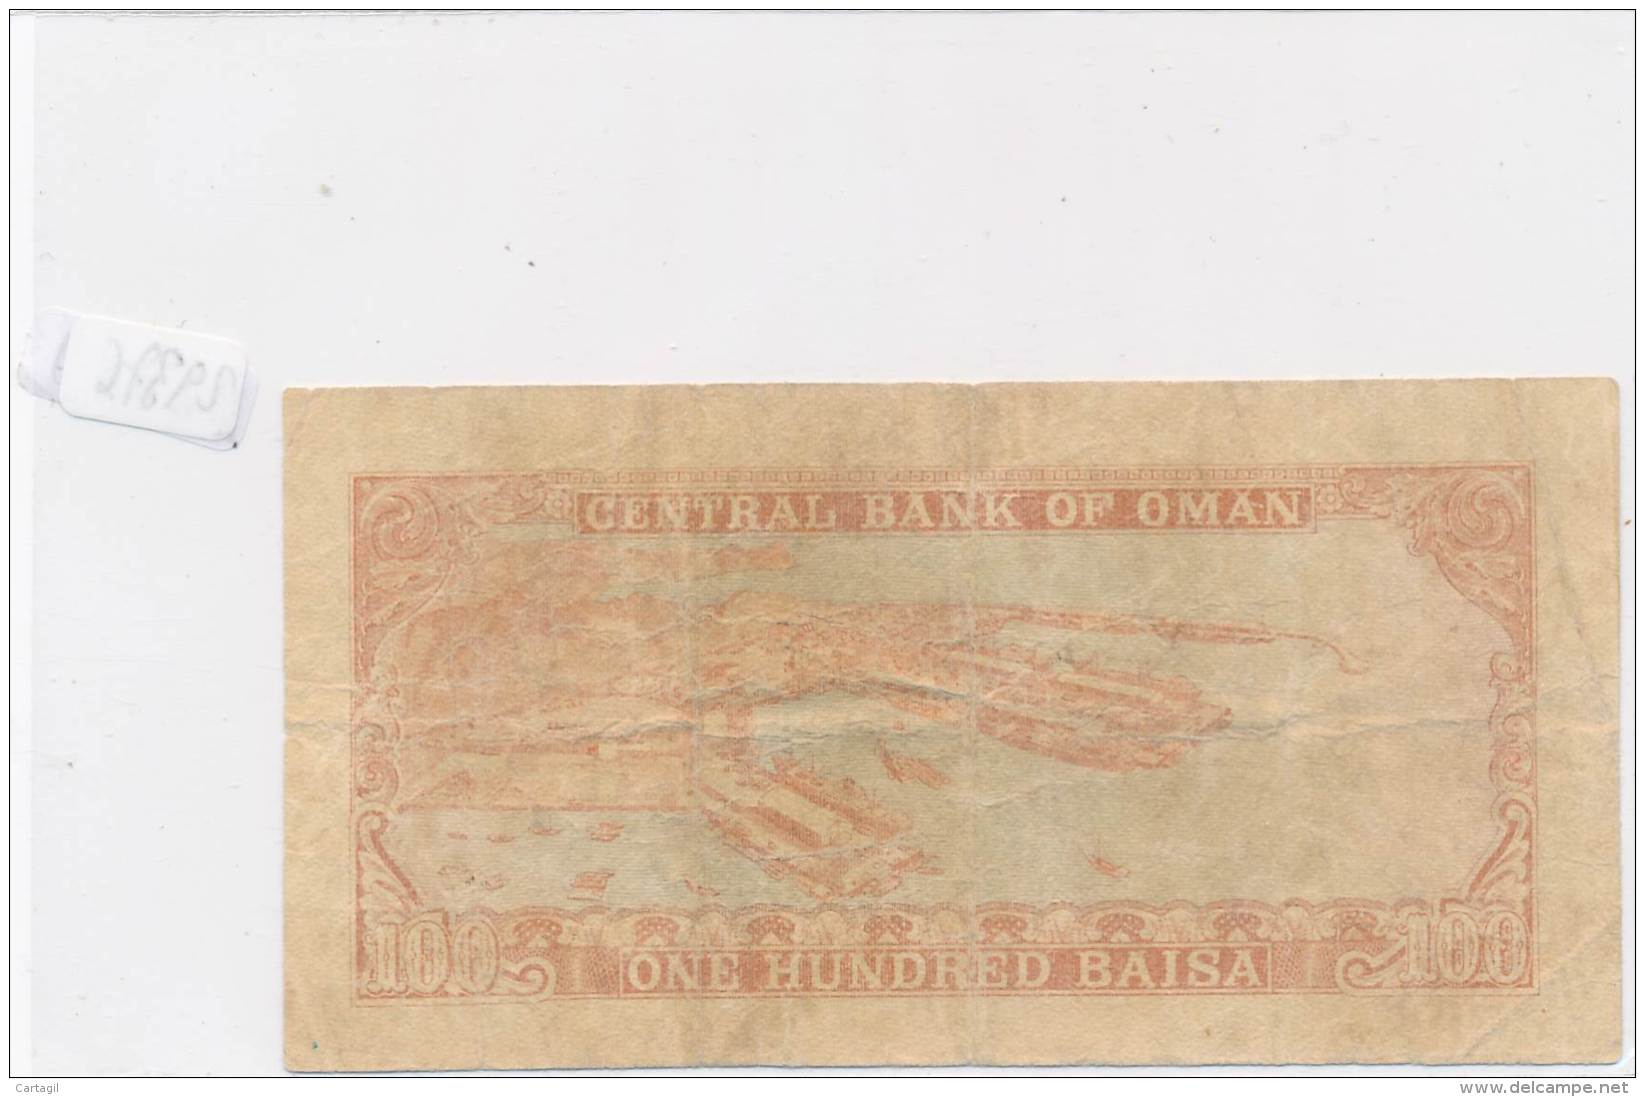 Billets -B2989-Oman -100 Baisa (type, Nature, Valeur, état... Voir  Double Scans) - Oman